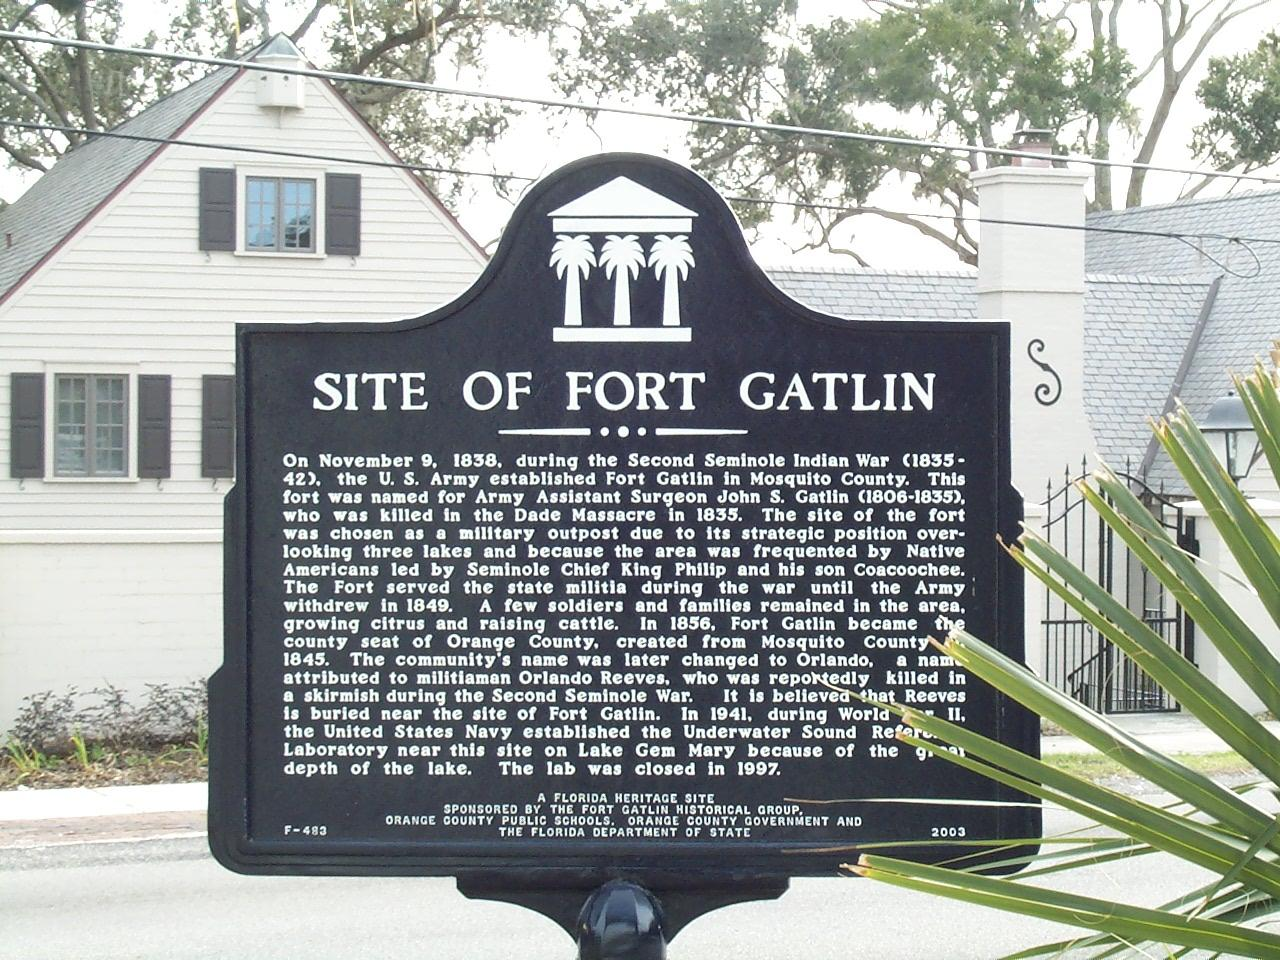 Fort Gatlin